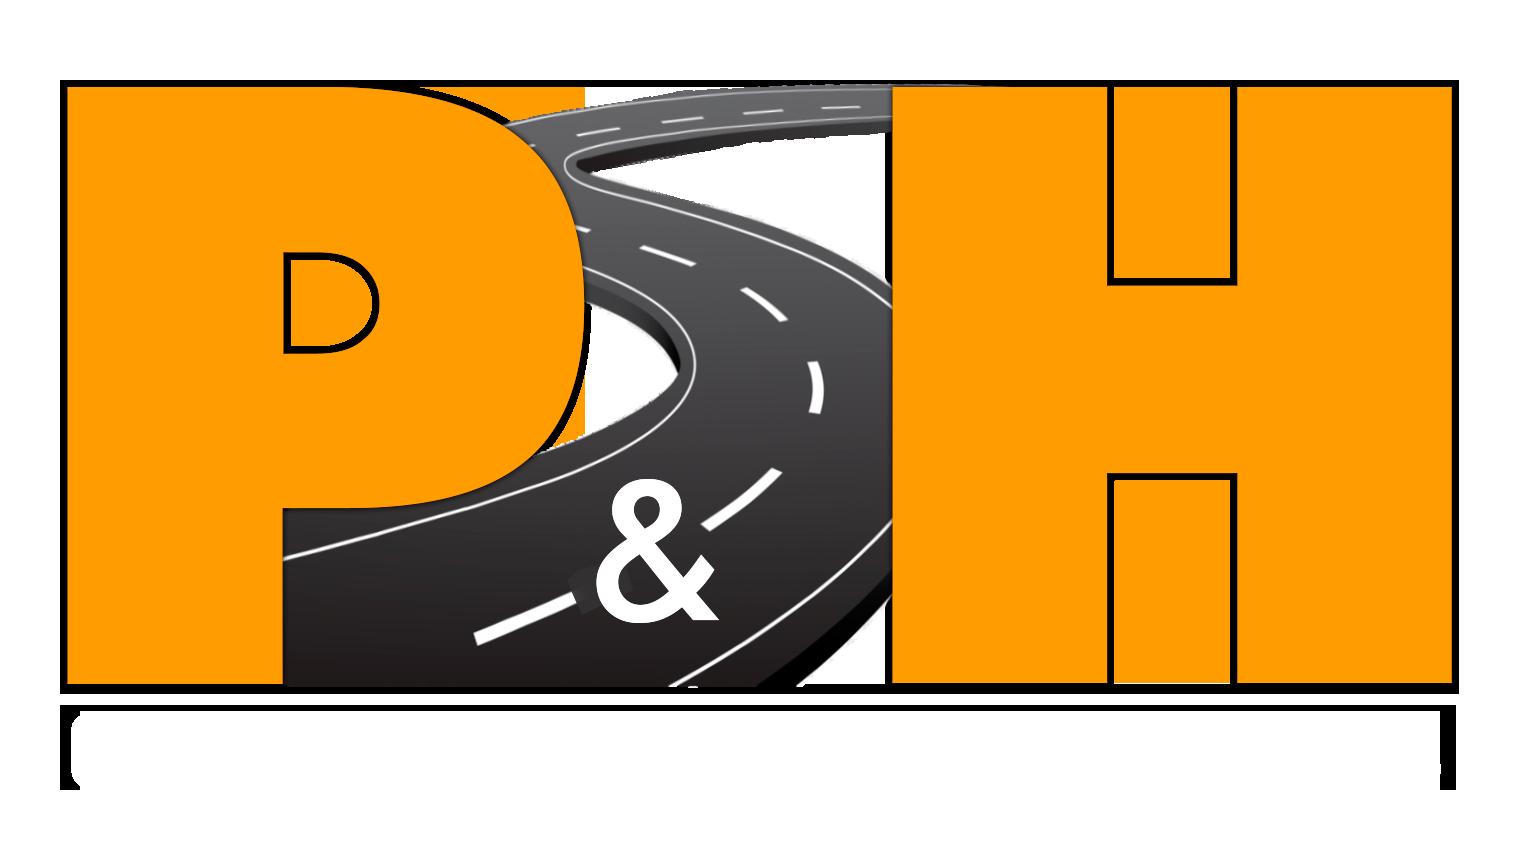 PROYECTOS Y CONSTRUCCIONES P & H, C.A